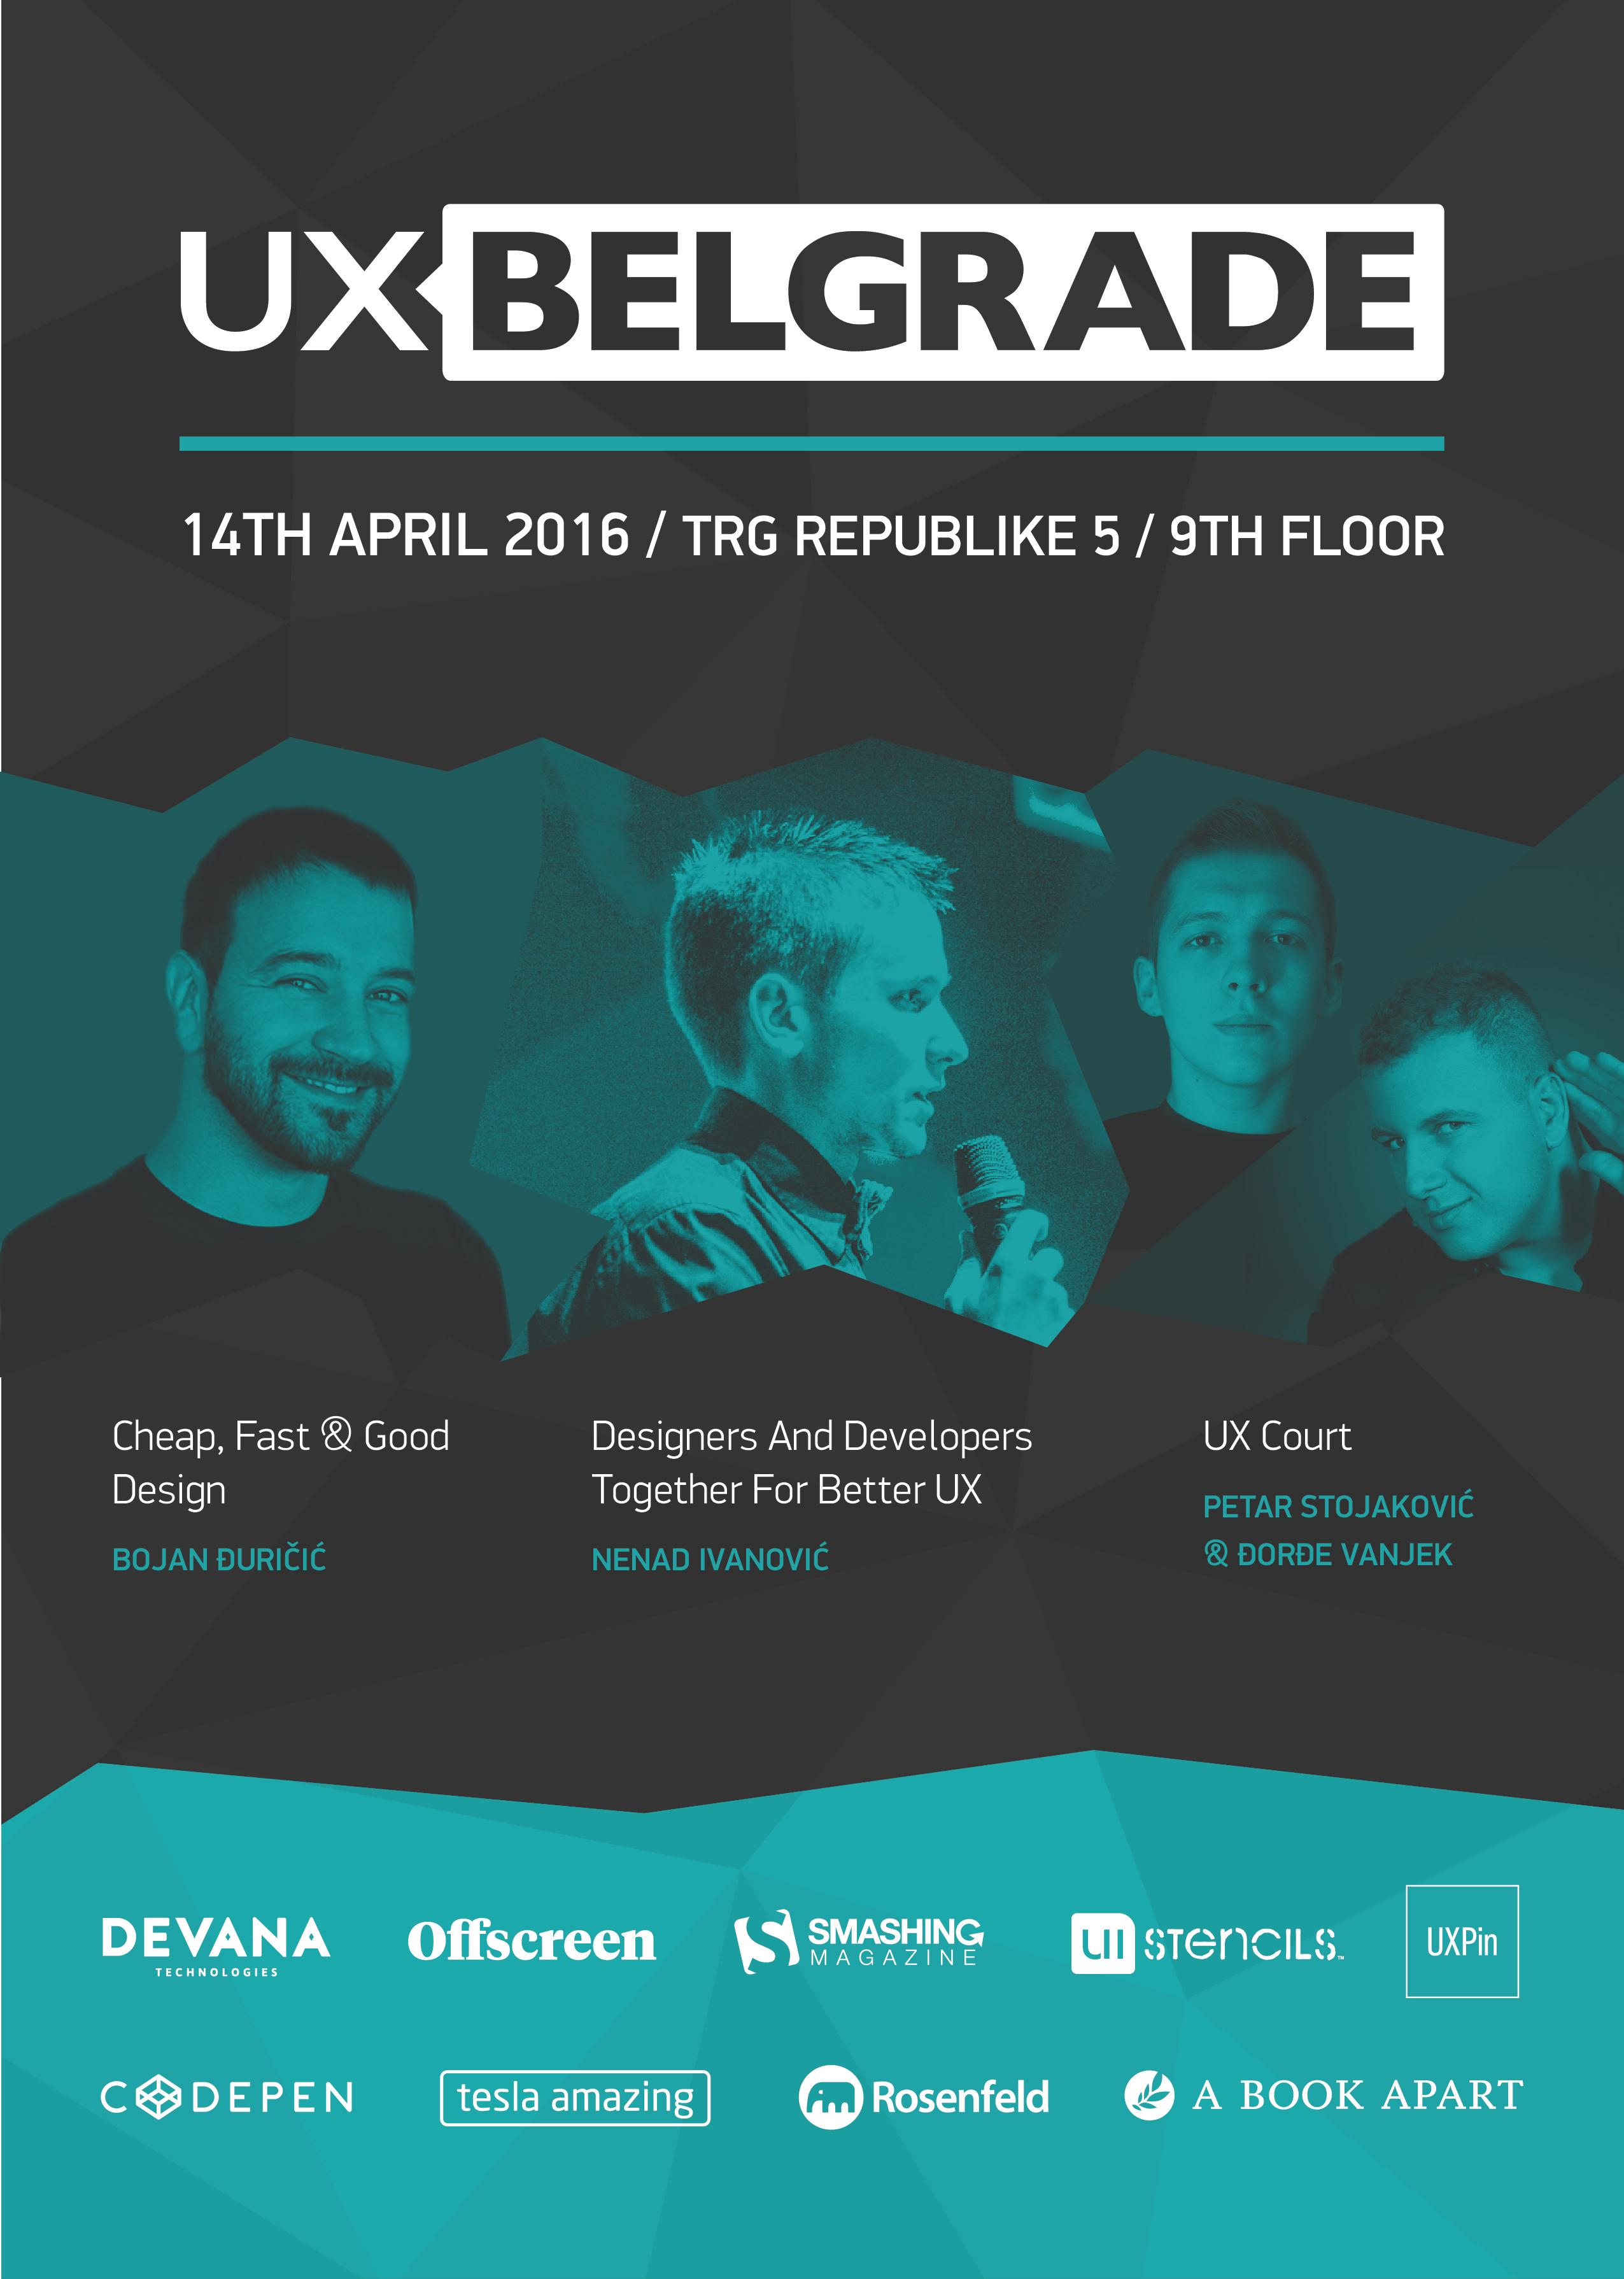 uxbg-poster-speakers (1)